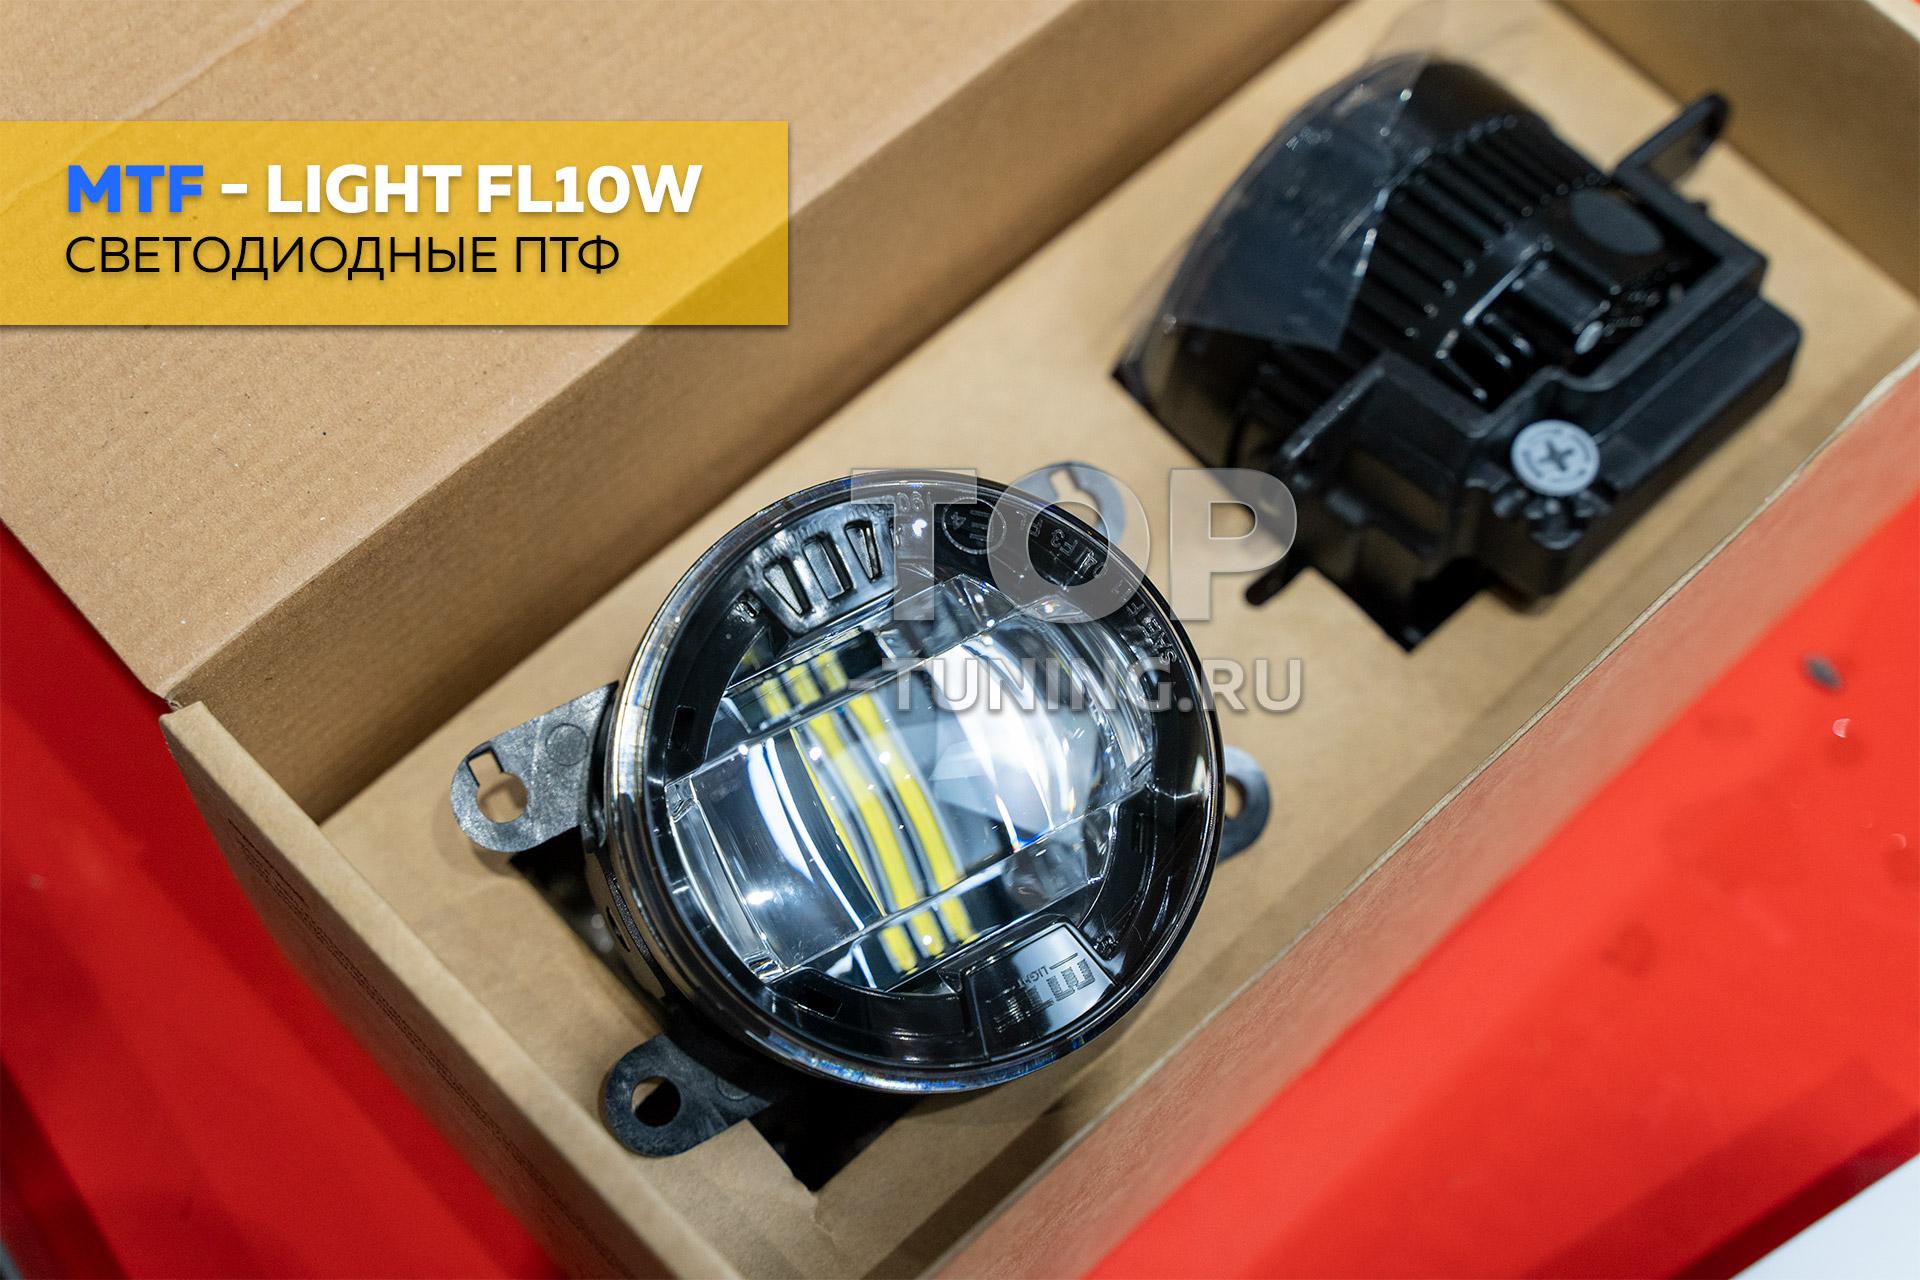 Противотуманные фары с линзами. LED MTF - Компоненты для тюнинга оптики Mitsubishi Pajero 4